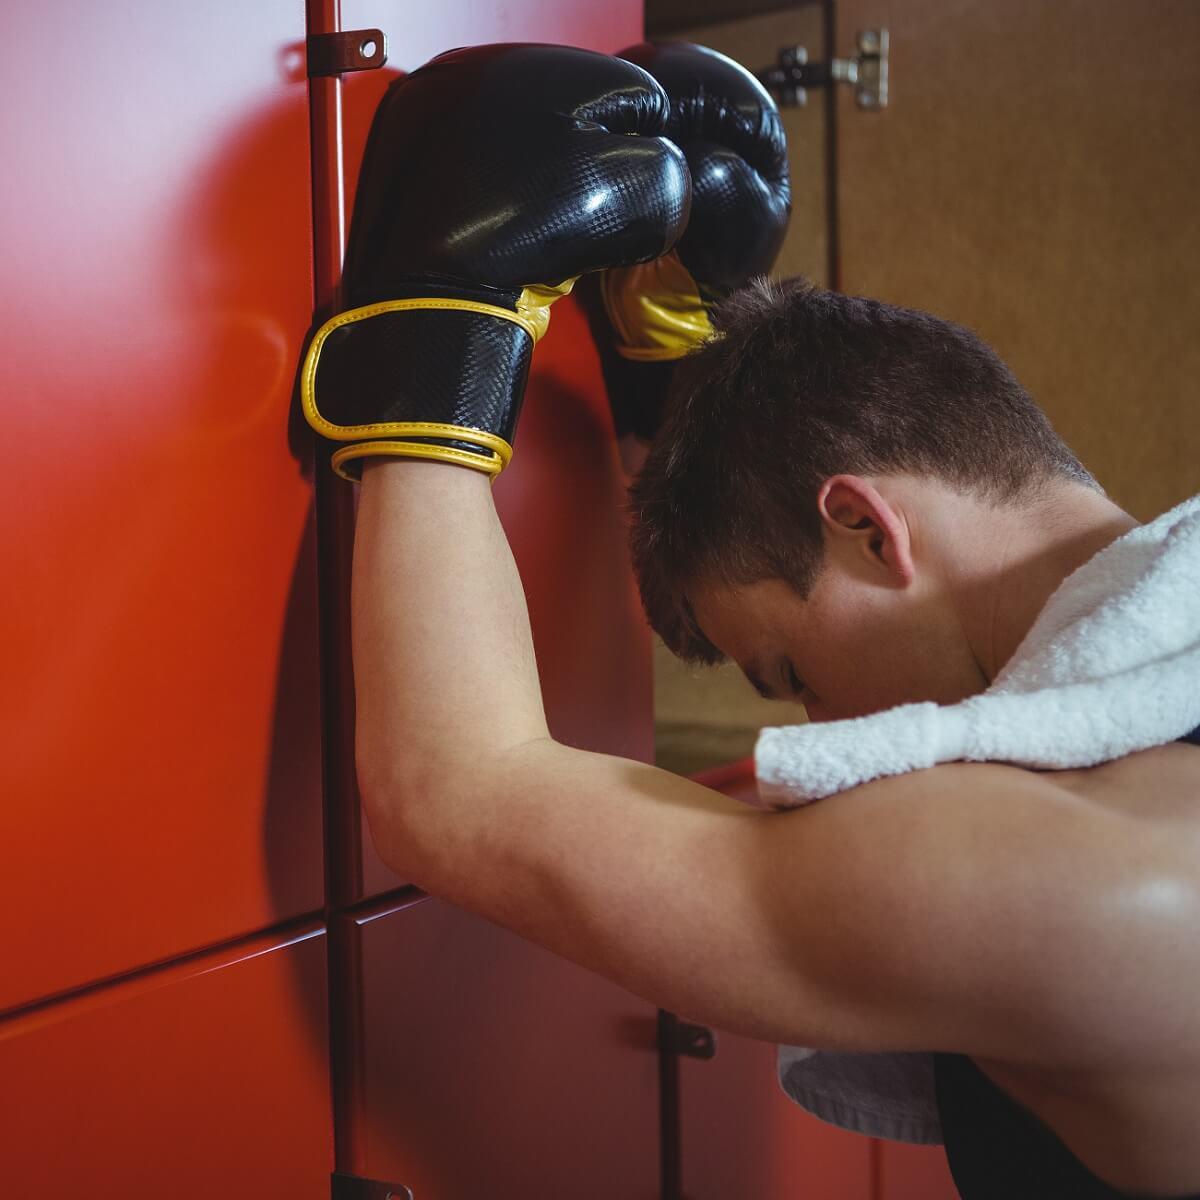 敗北したボクサーの写真。ロッカールームでうなだれている様子。